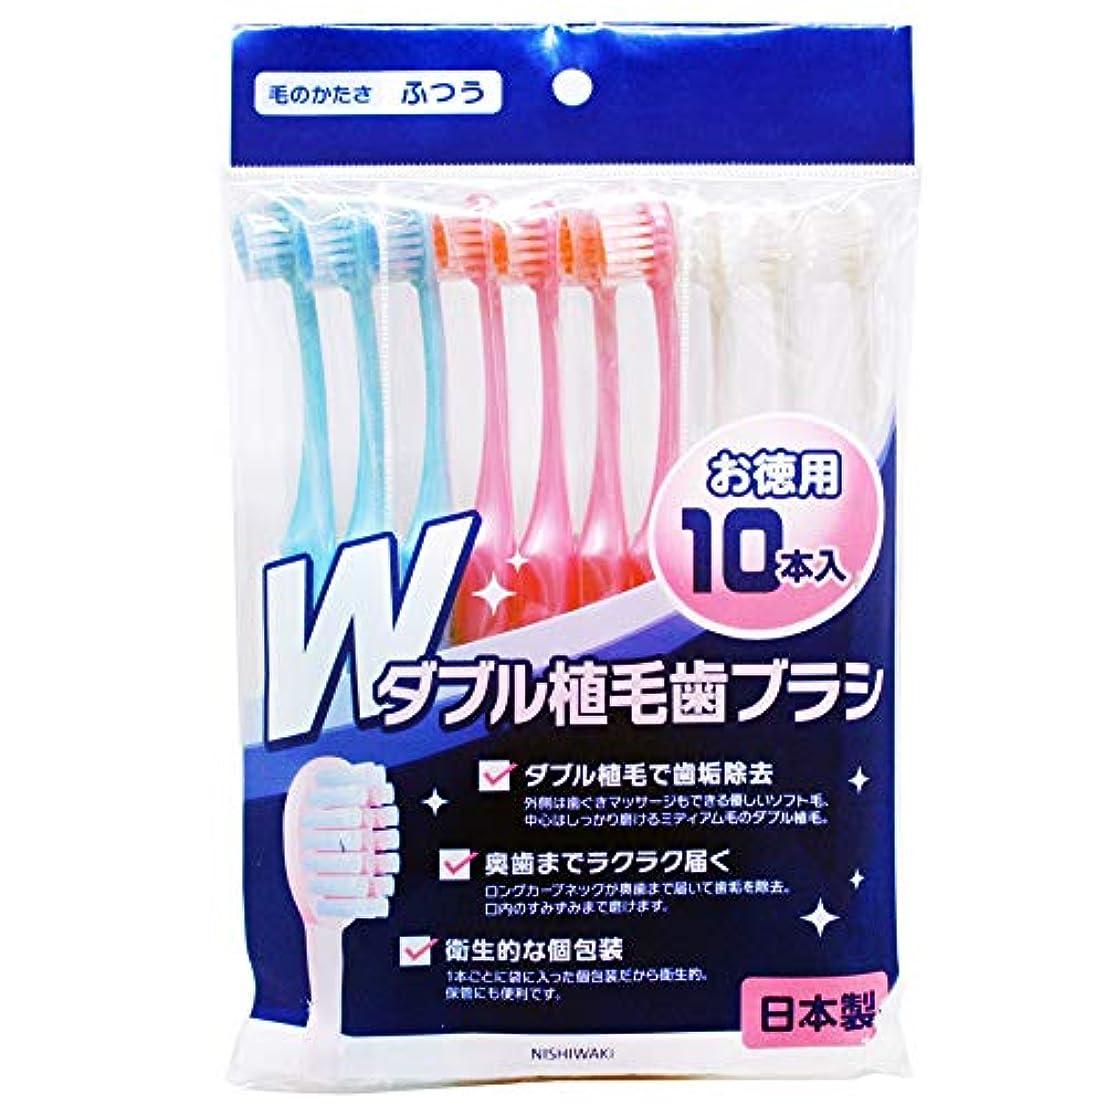 旅行ローズ鯨歯ブラシ 日本製 10本セット「外側やわらか植毛歯ブラシ」